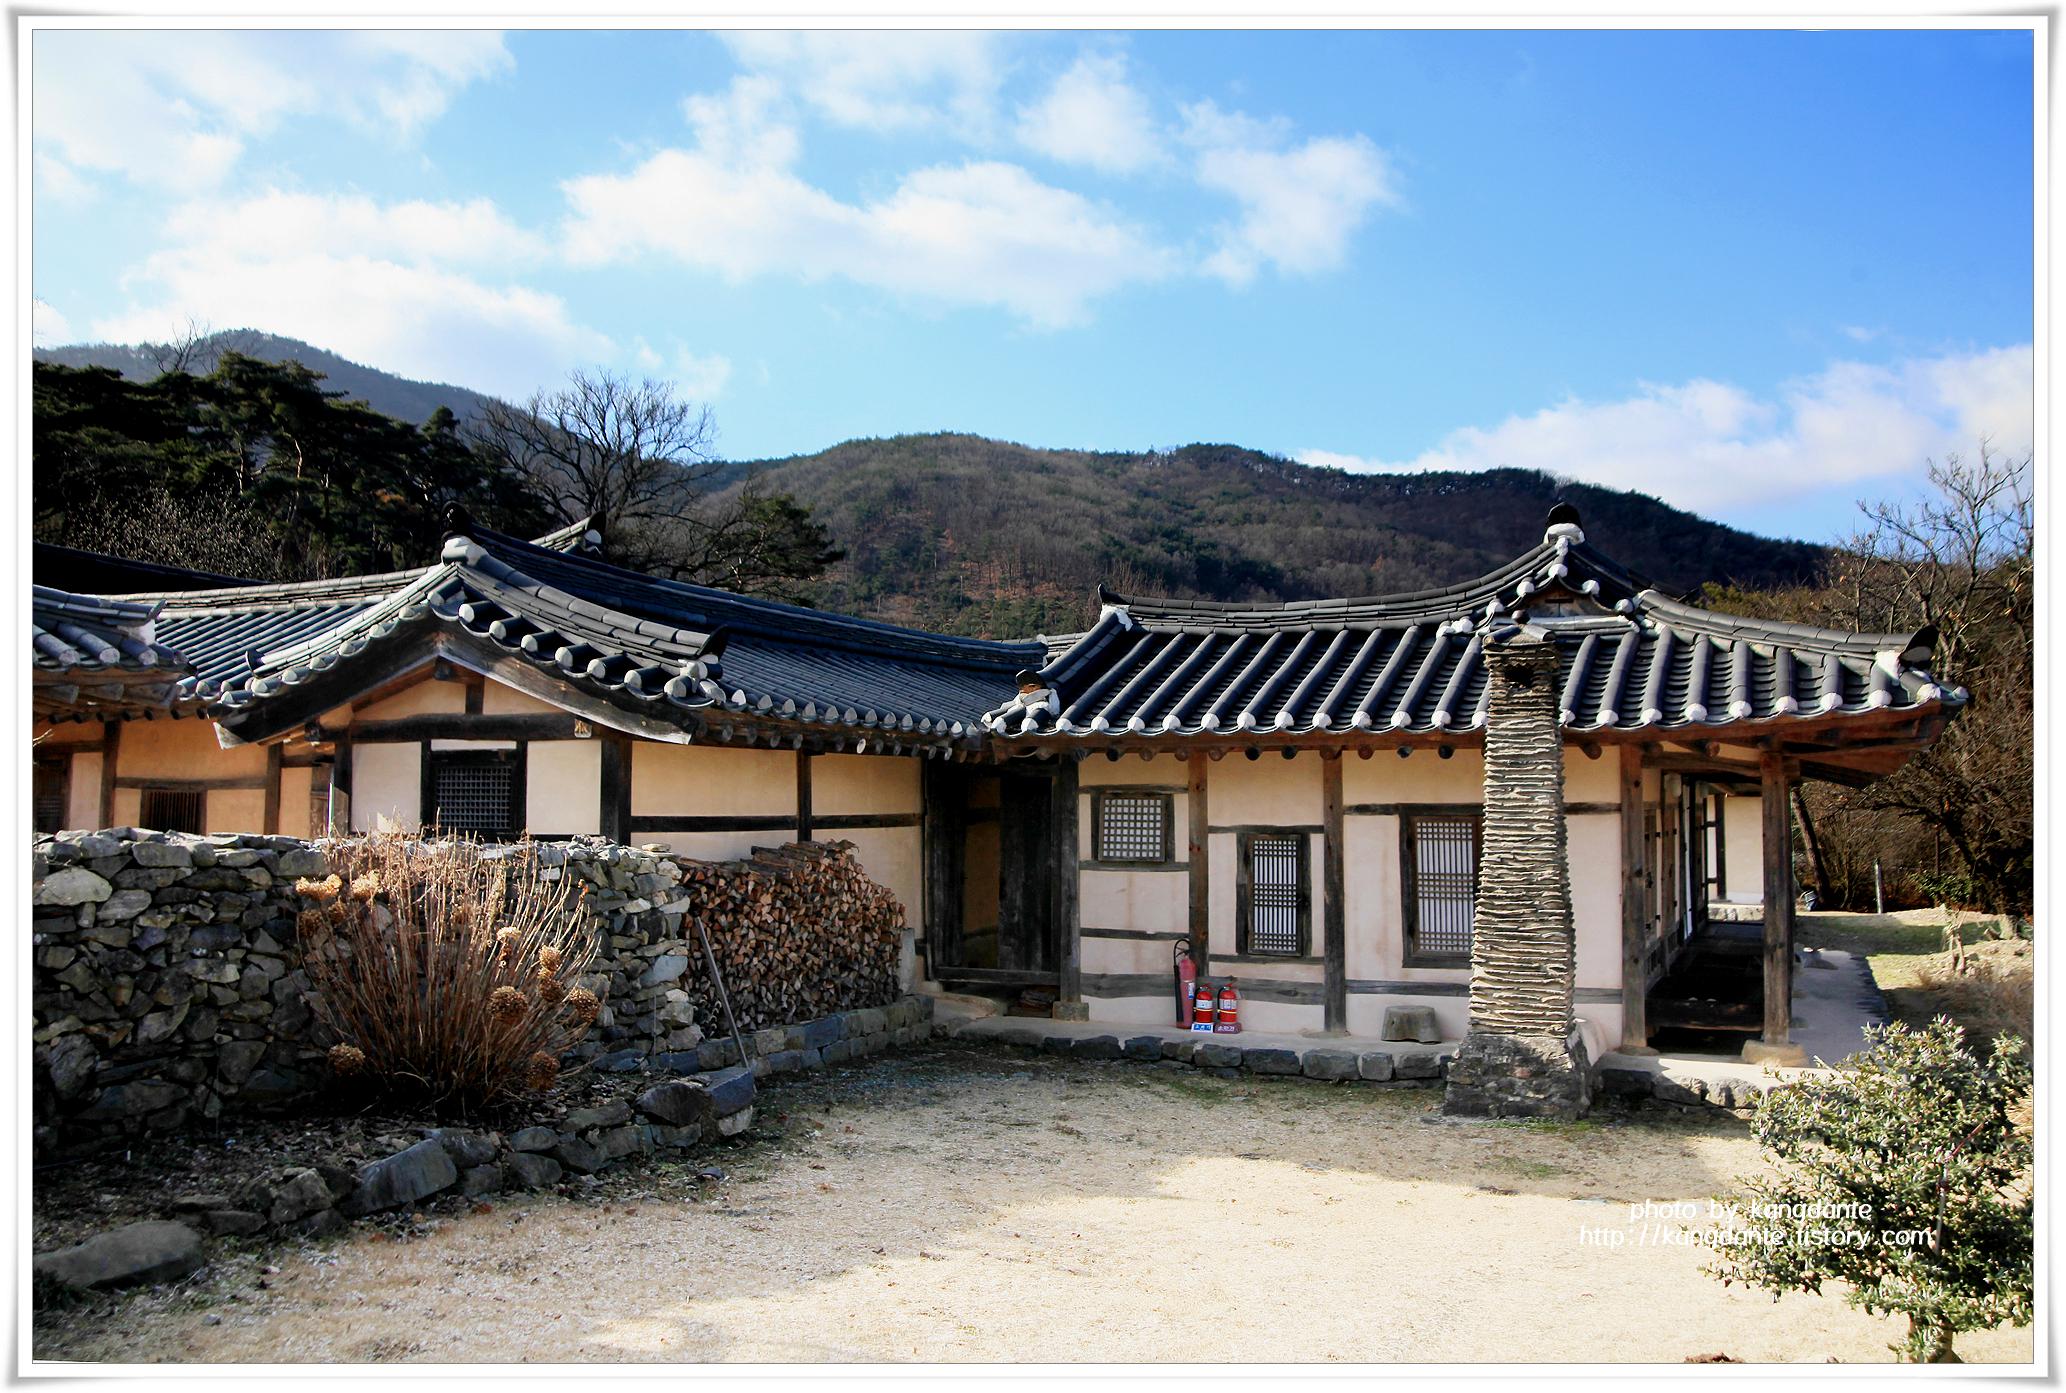 조선후기 중부지방의 전통가옥, 성준경 가옥 용궁댁(龍宮宅)